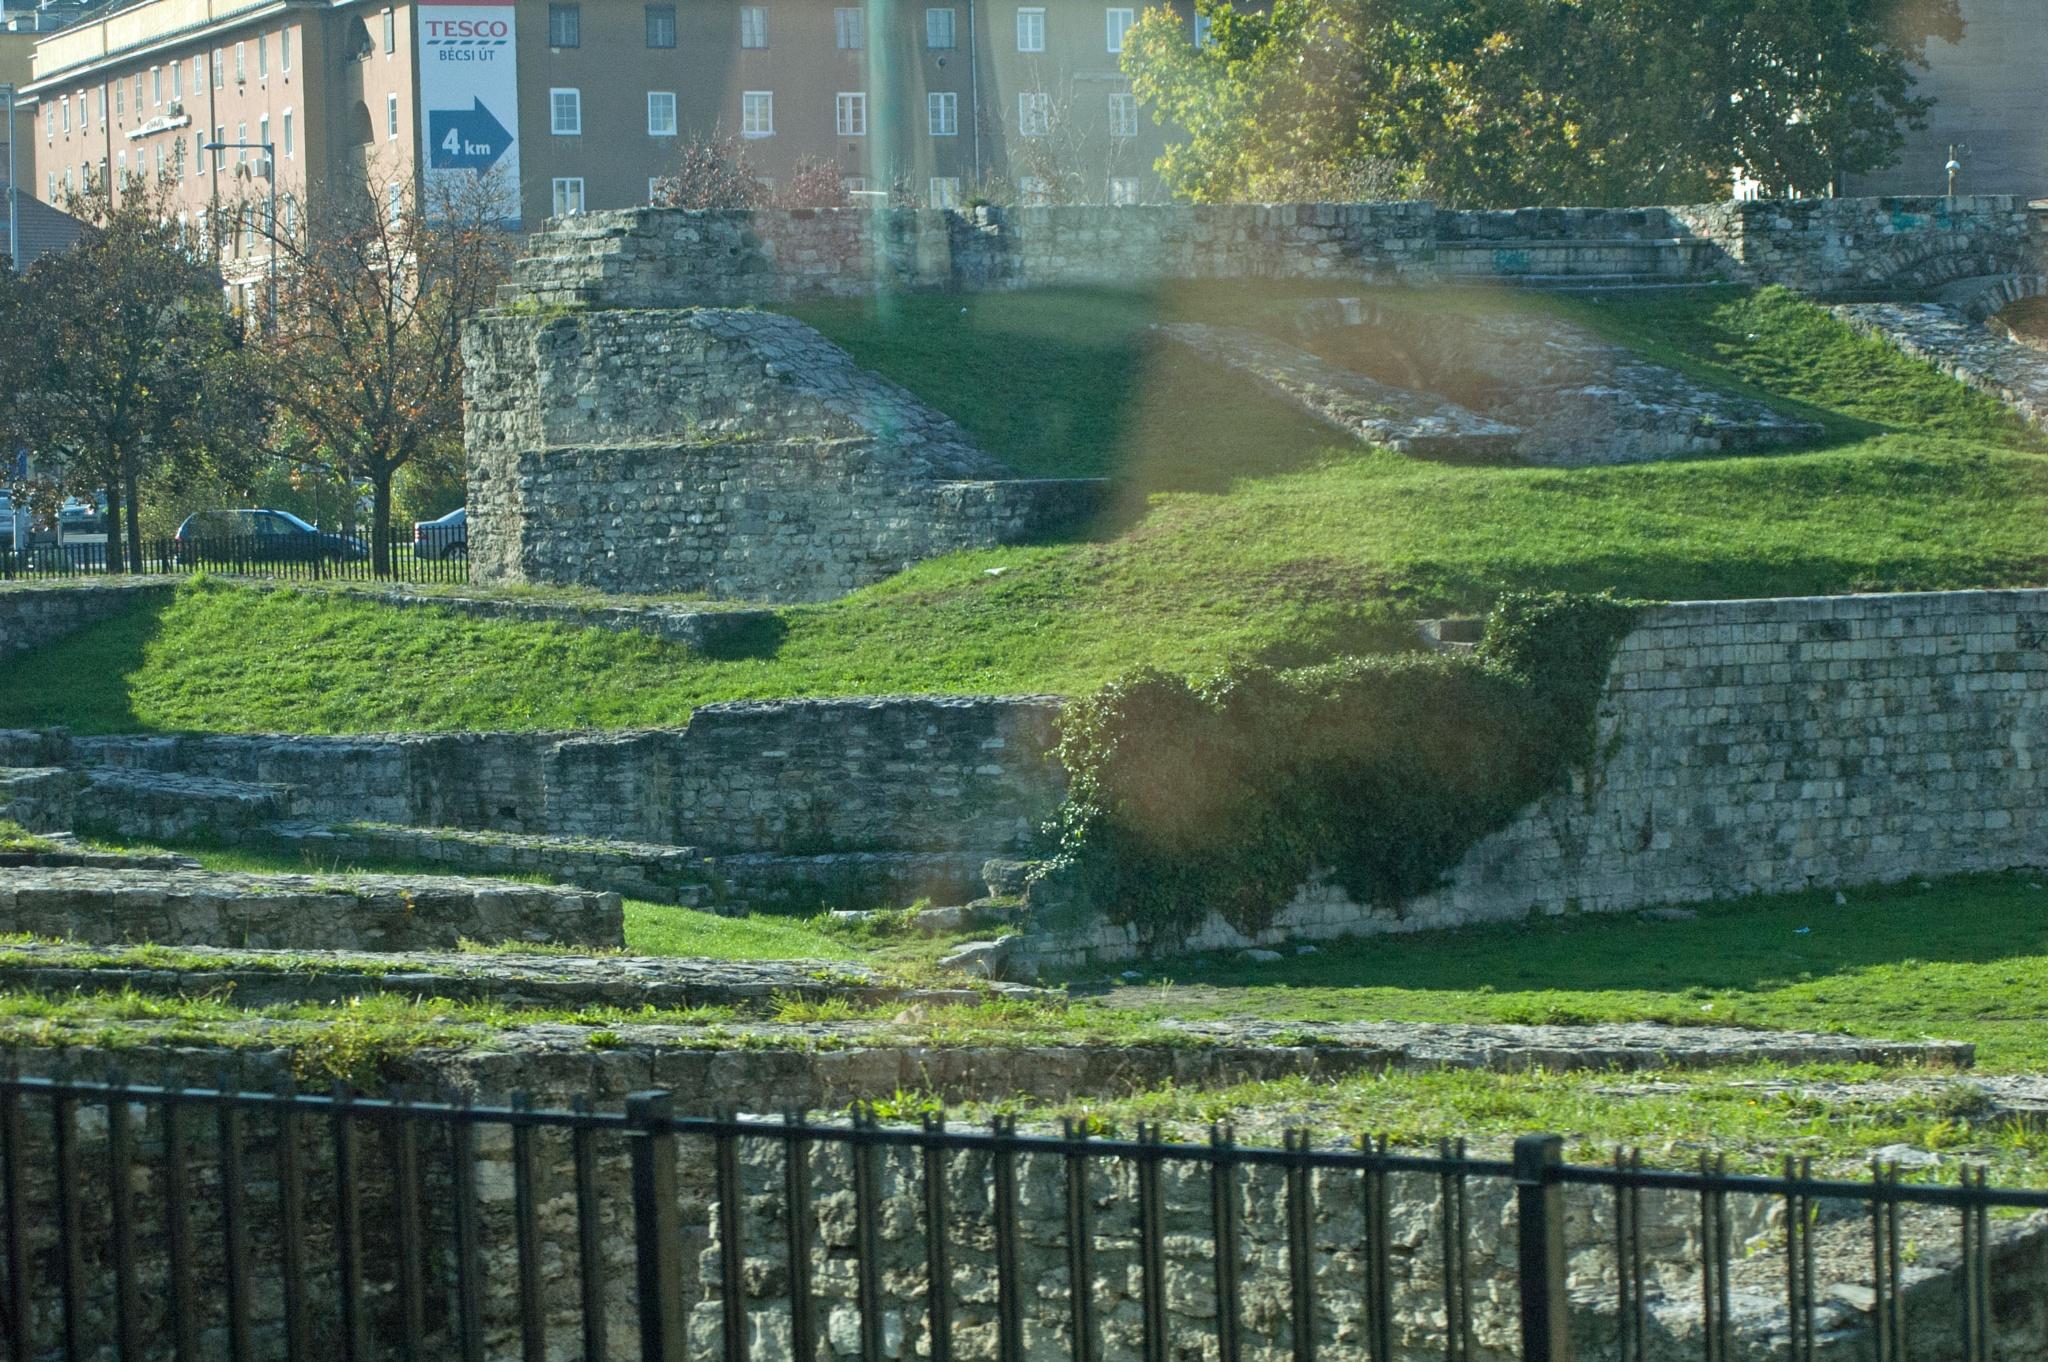 Roman Amphitheater by Brady Williams